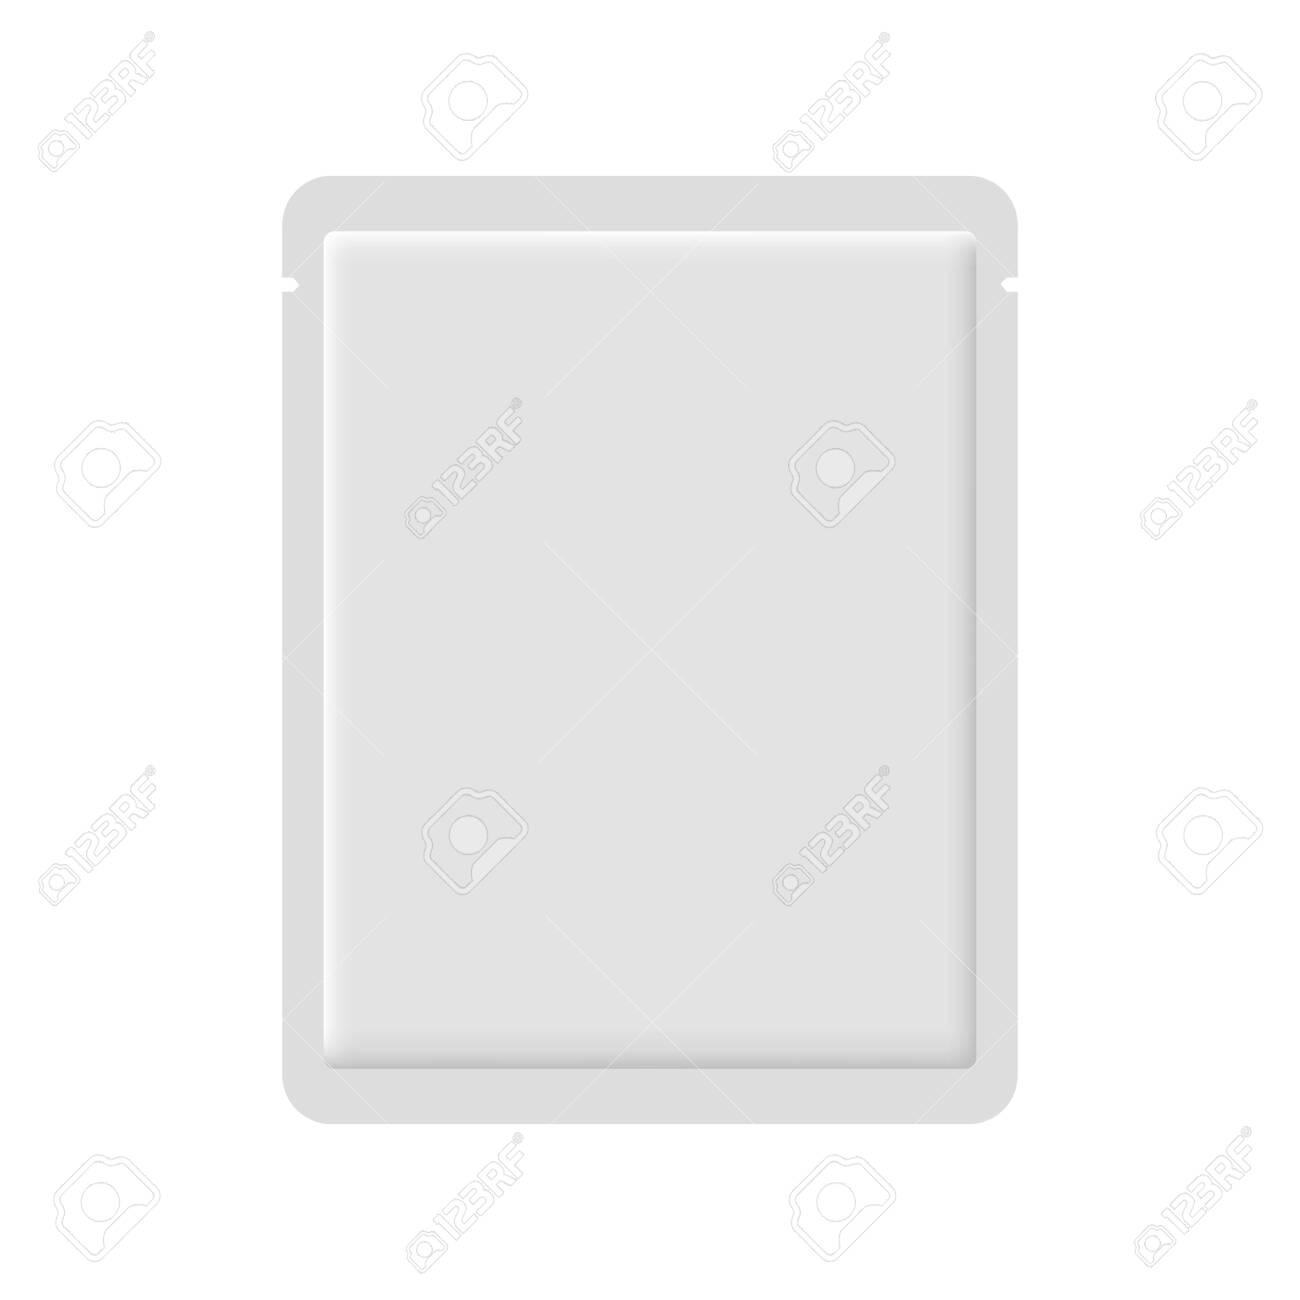 Facial sheet mask blank realistic mockup - 123638848